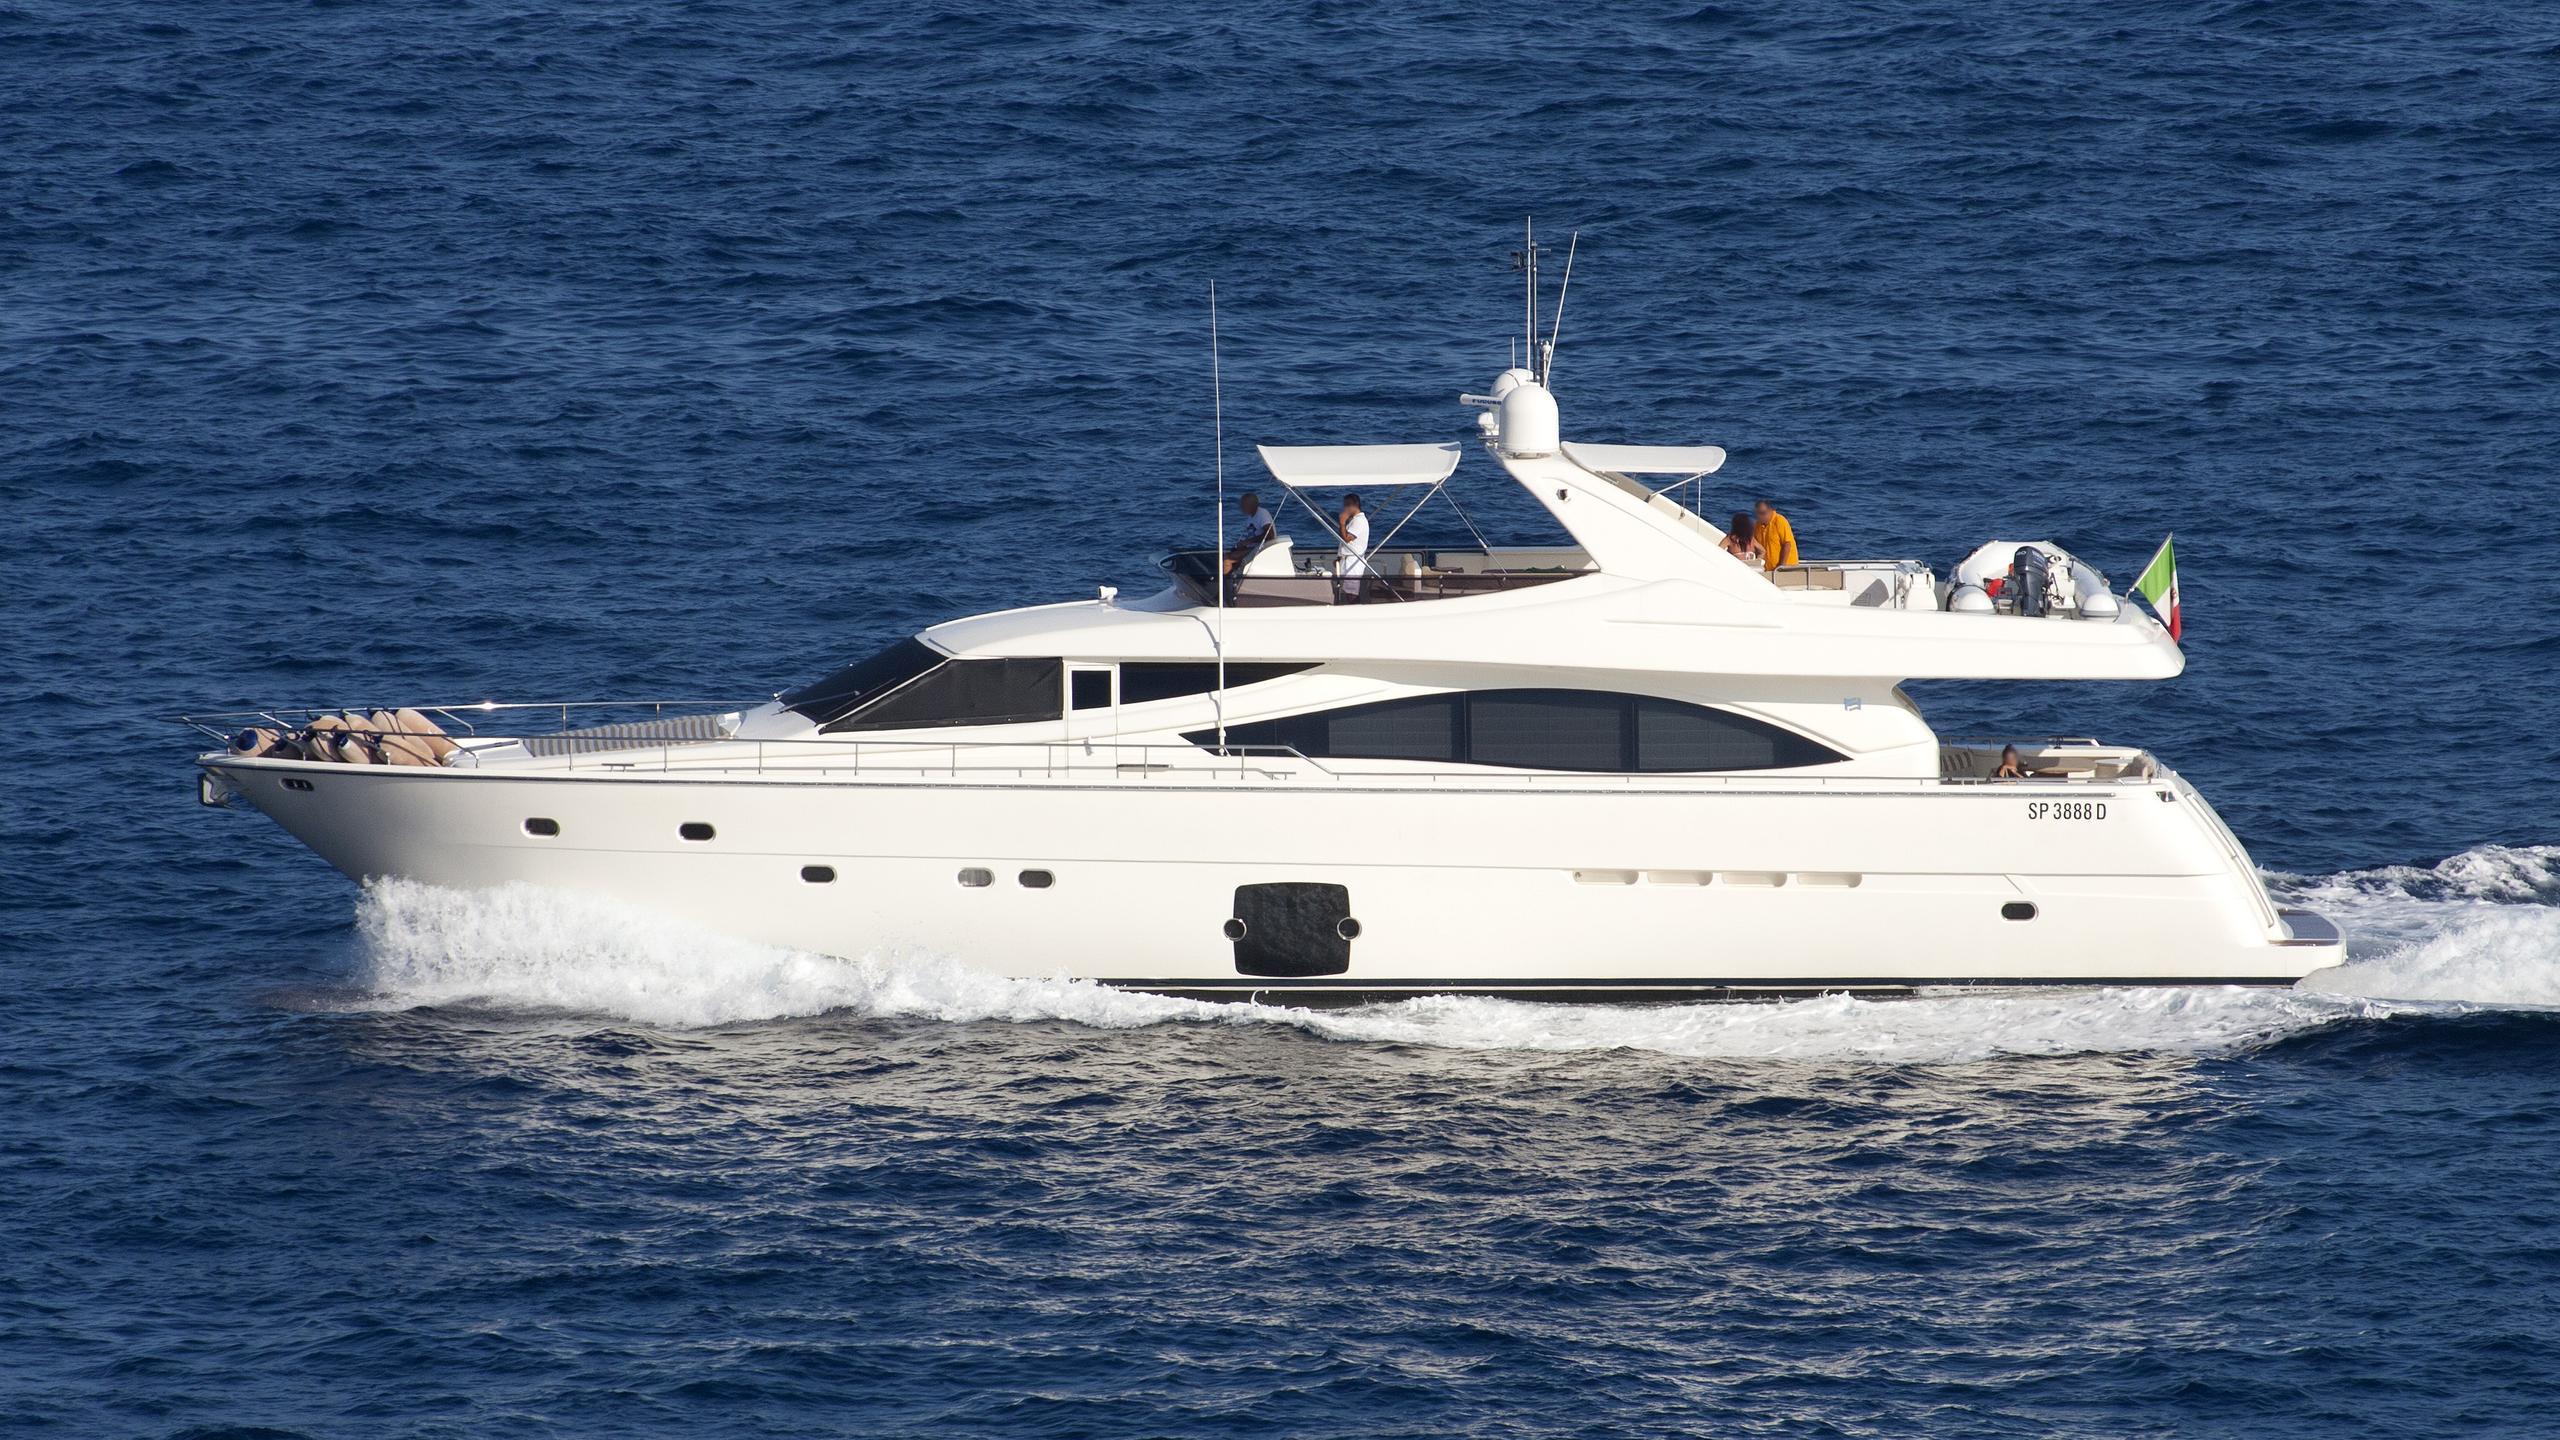 chi-5-motor-yacht-ferretti-2007-25m-cruising